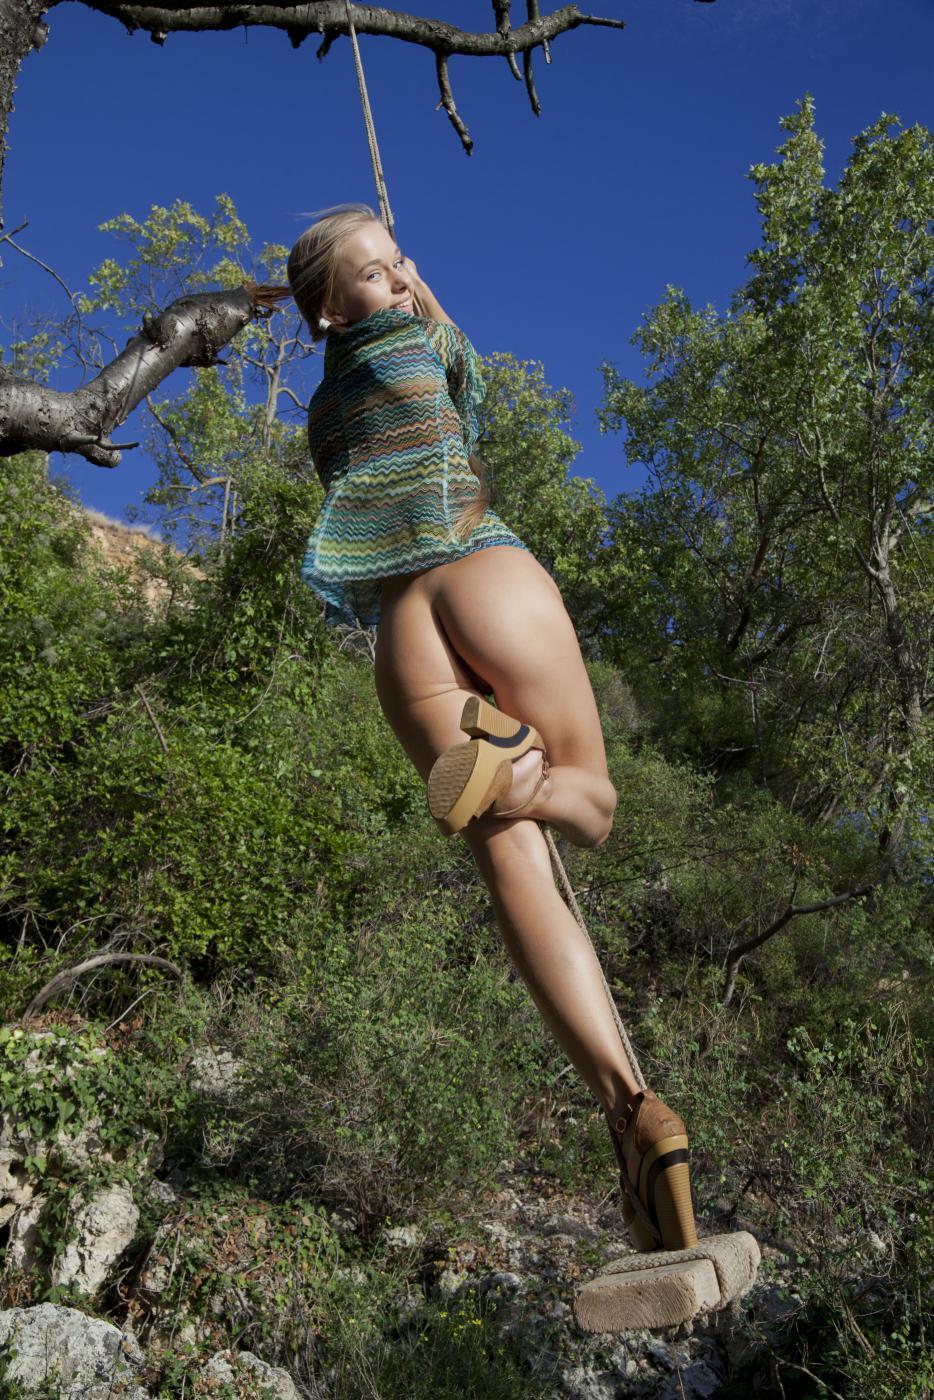 Самая милая блондинка на свете, Milena D снимает одежду в лесу и показывает бритую киску